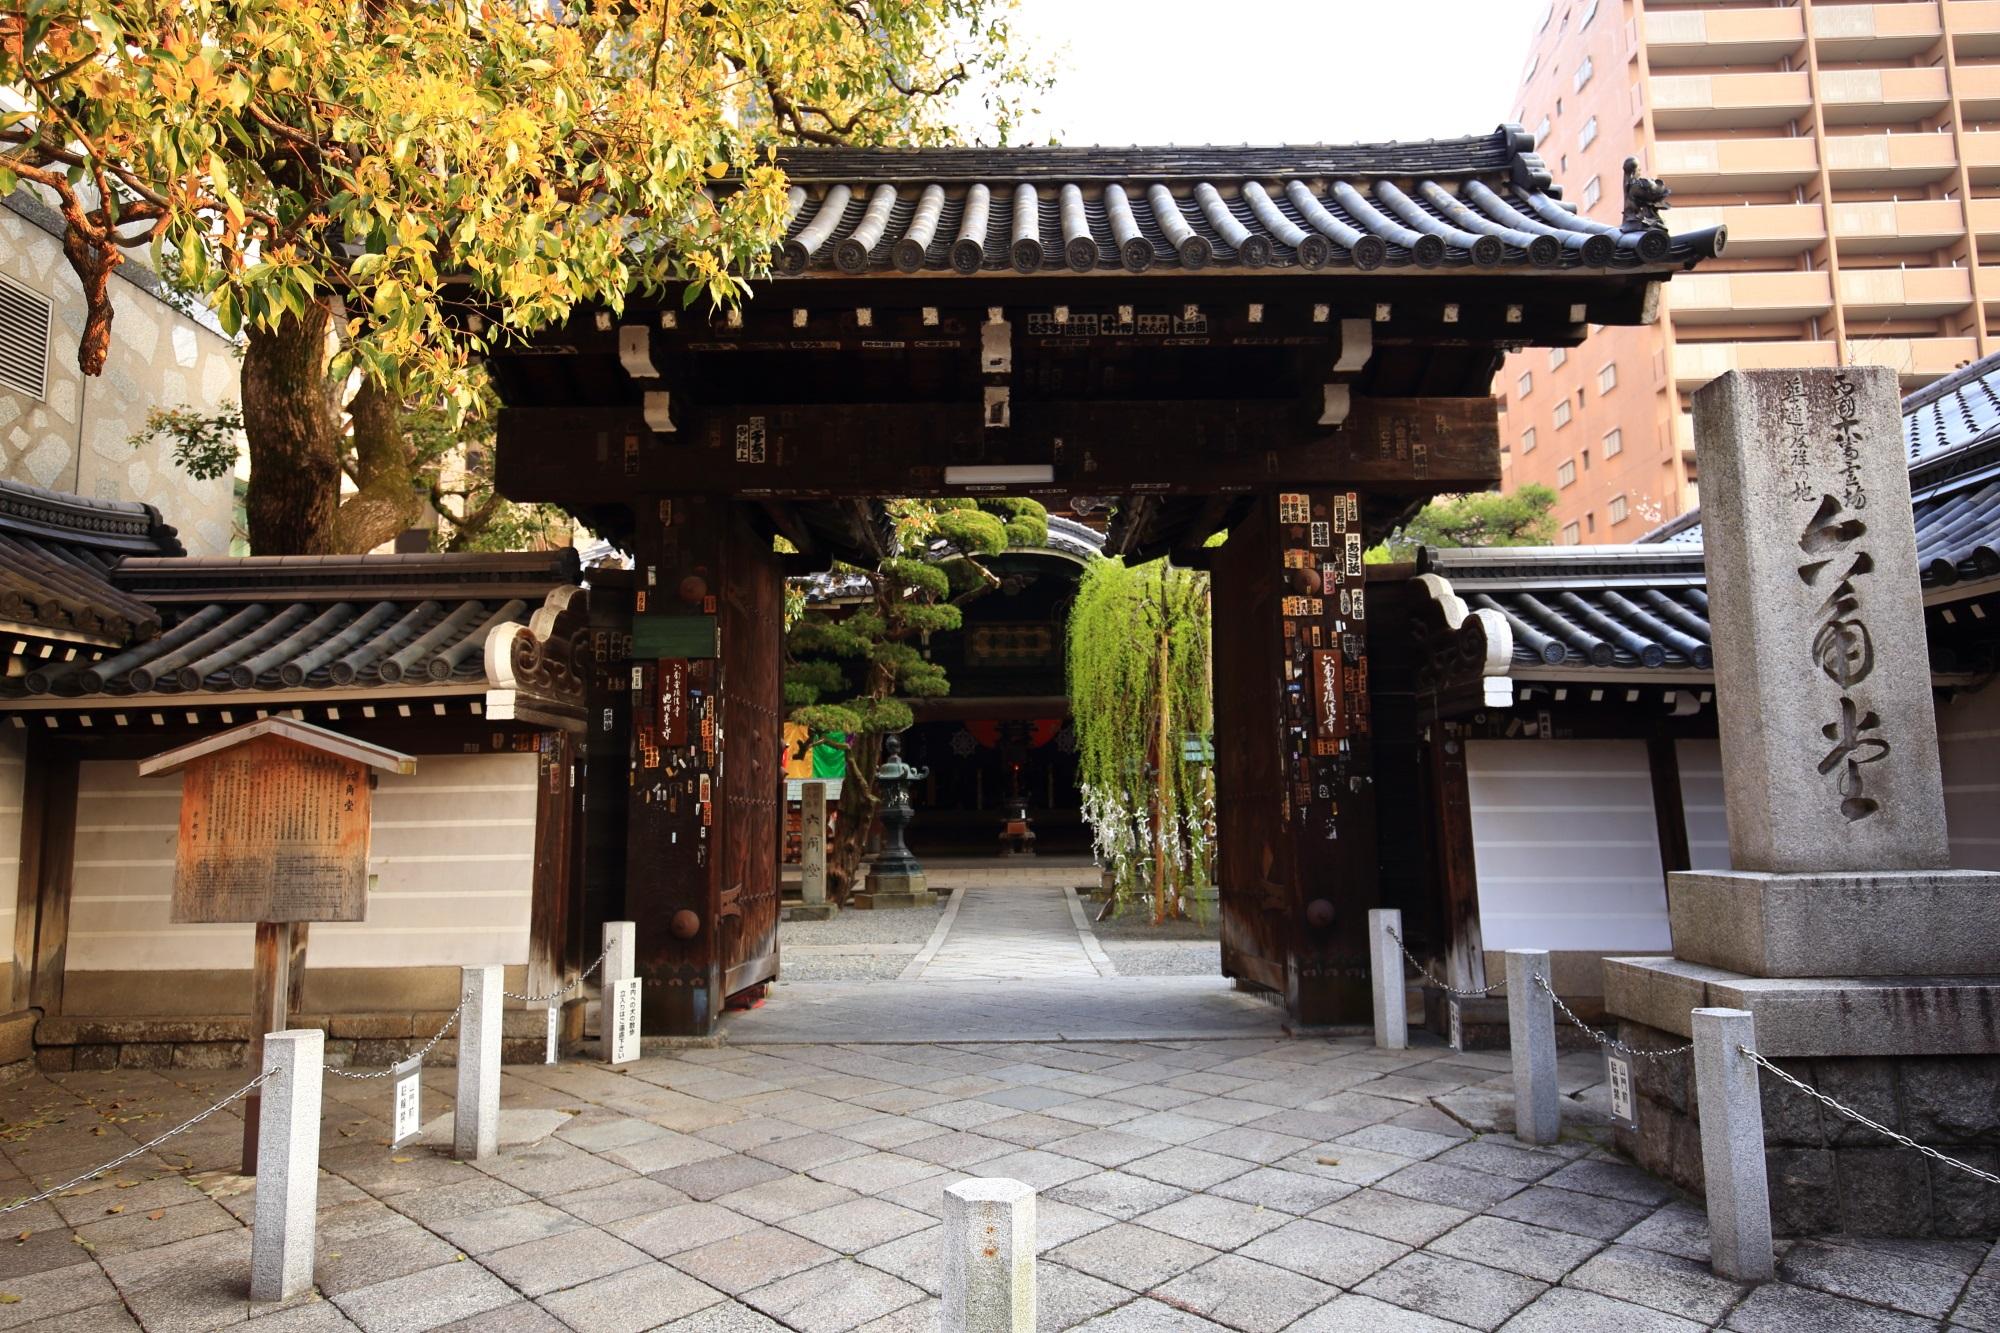 桜の名所の六角堂(頂法寺)